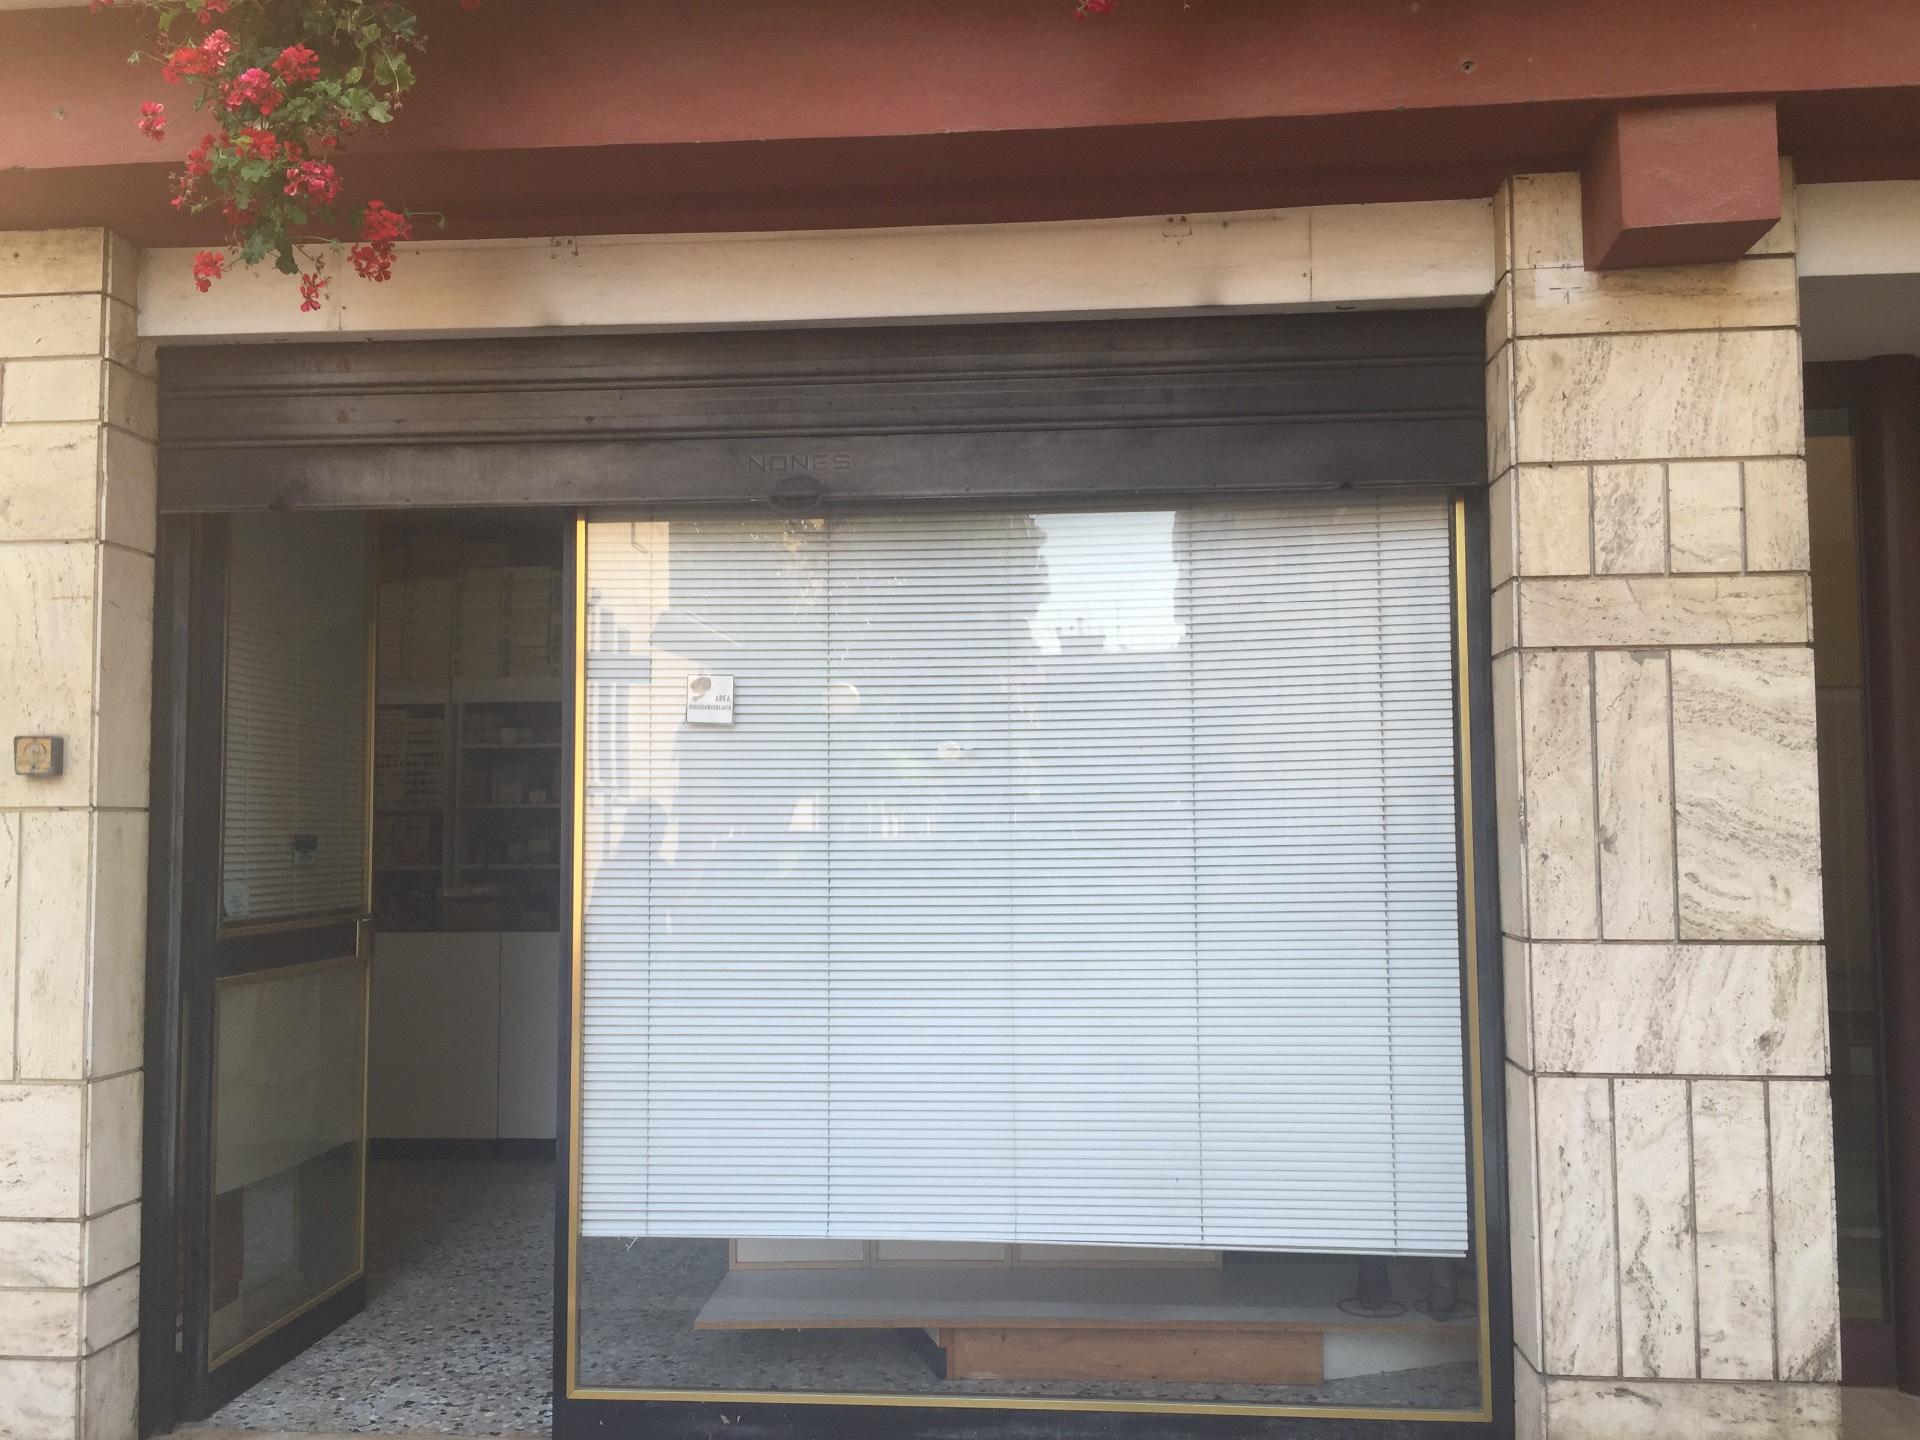 Negozio / Locale in vendita a Pescara, 9999 locali, prezzo € 62.000   Cambio Casa.it